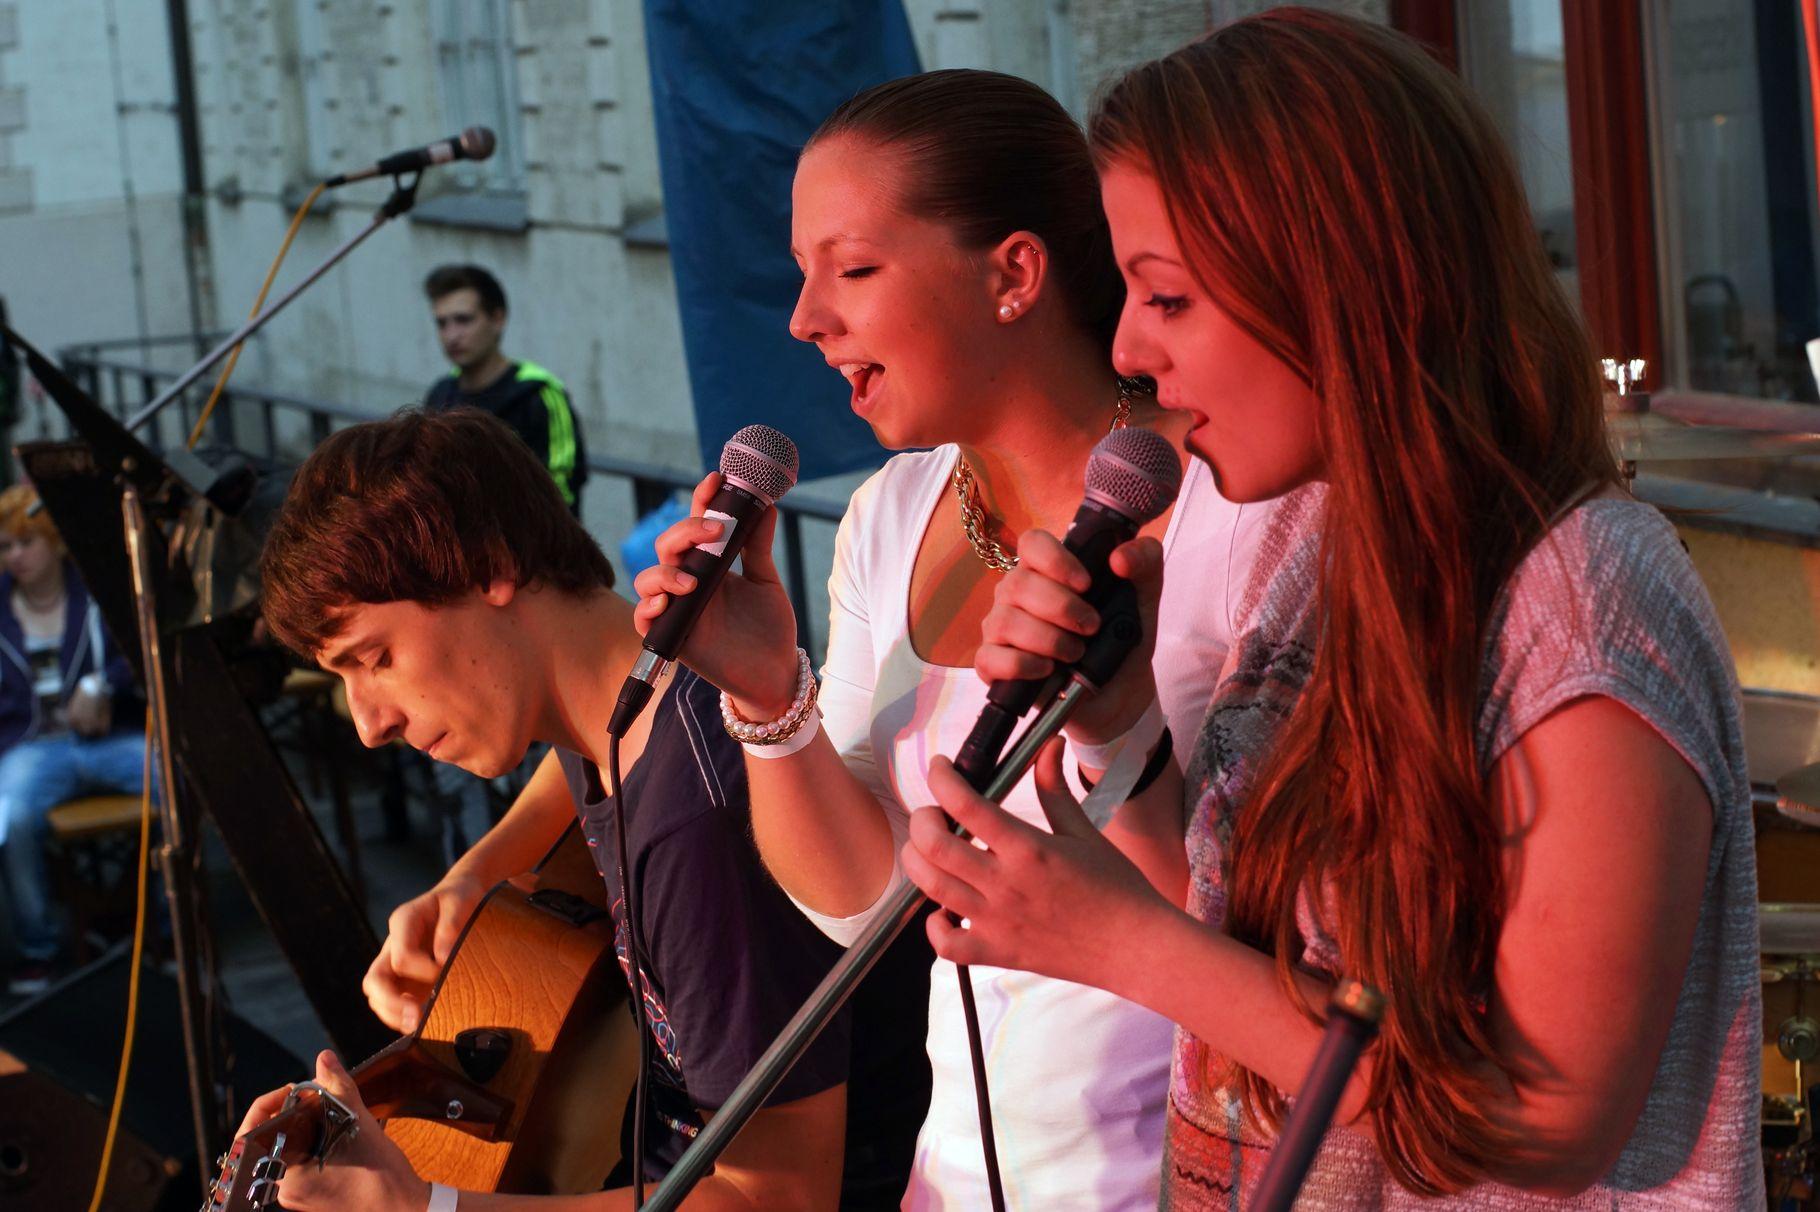 Konzerte im Bürgerhof 28.06.14 Street Academy - Freiwilligen-Zentrum Augsburg - Foto: Crayfish